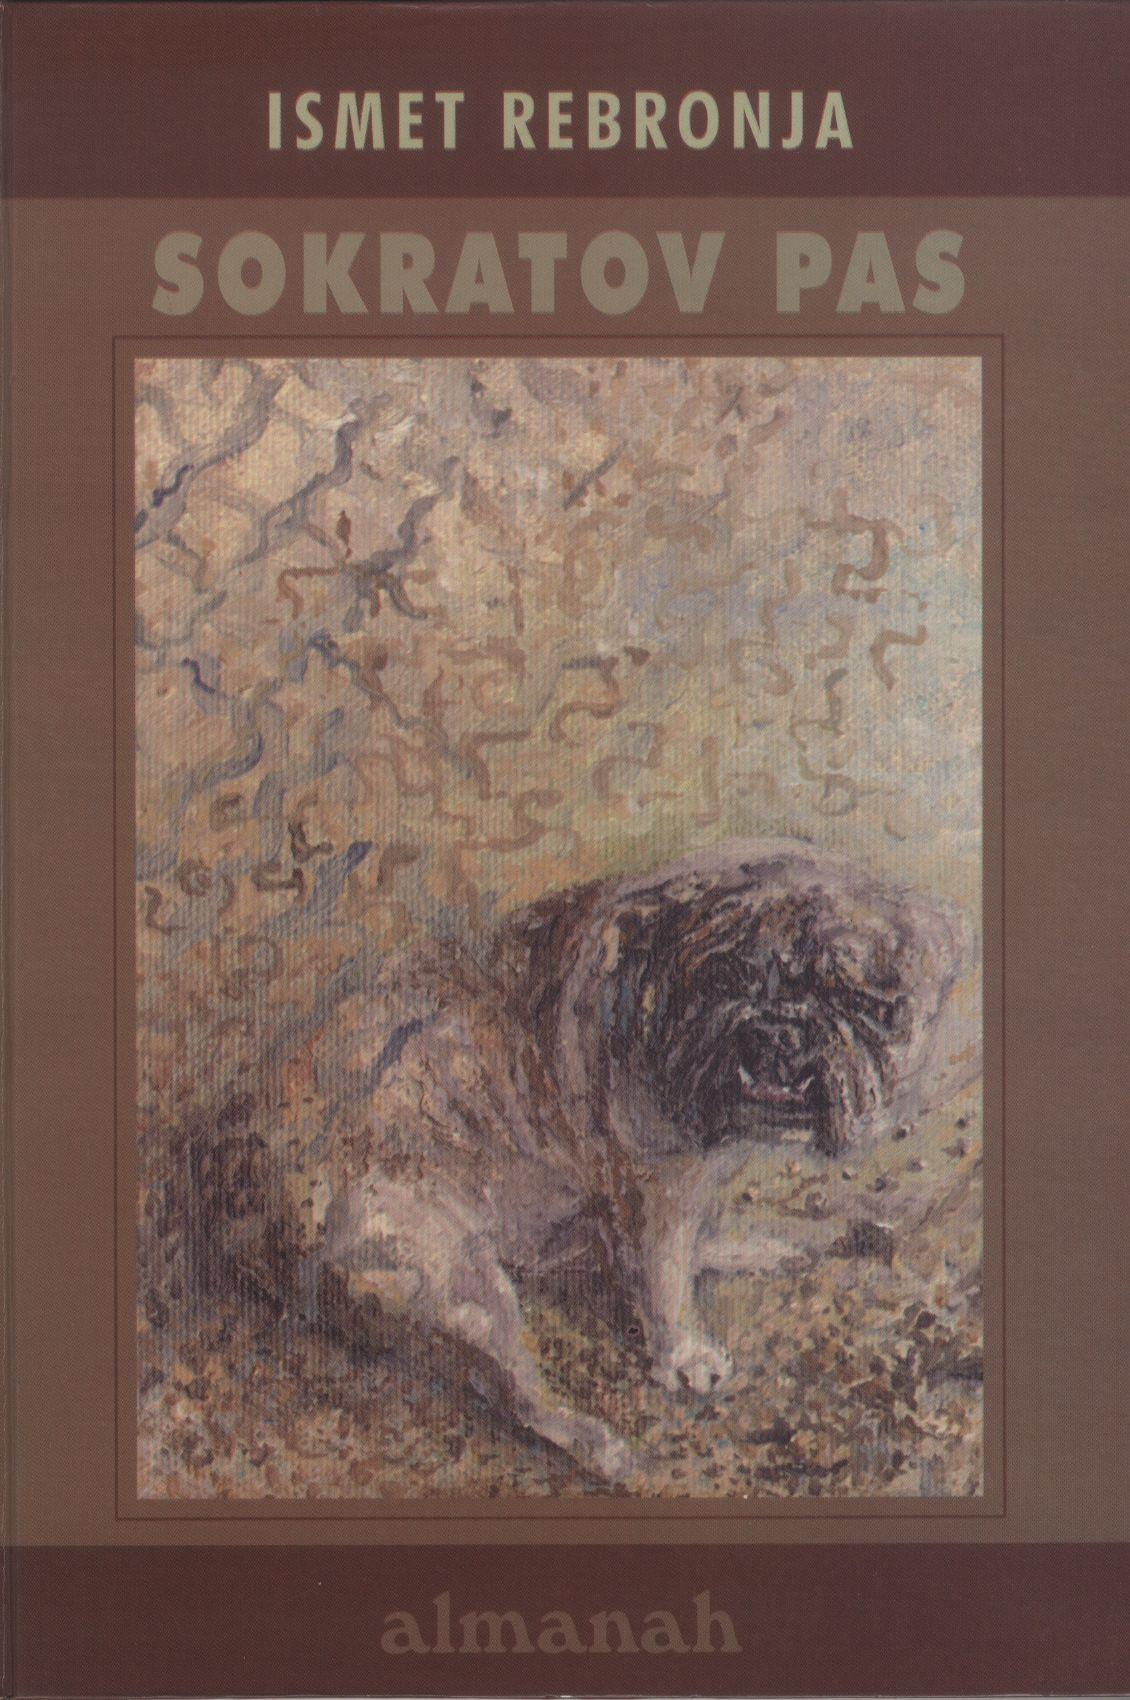 Sokratov pas